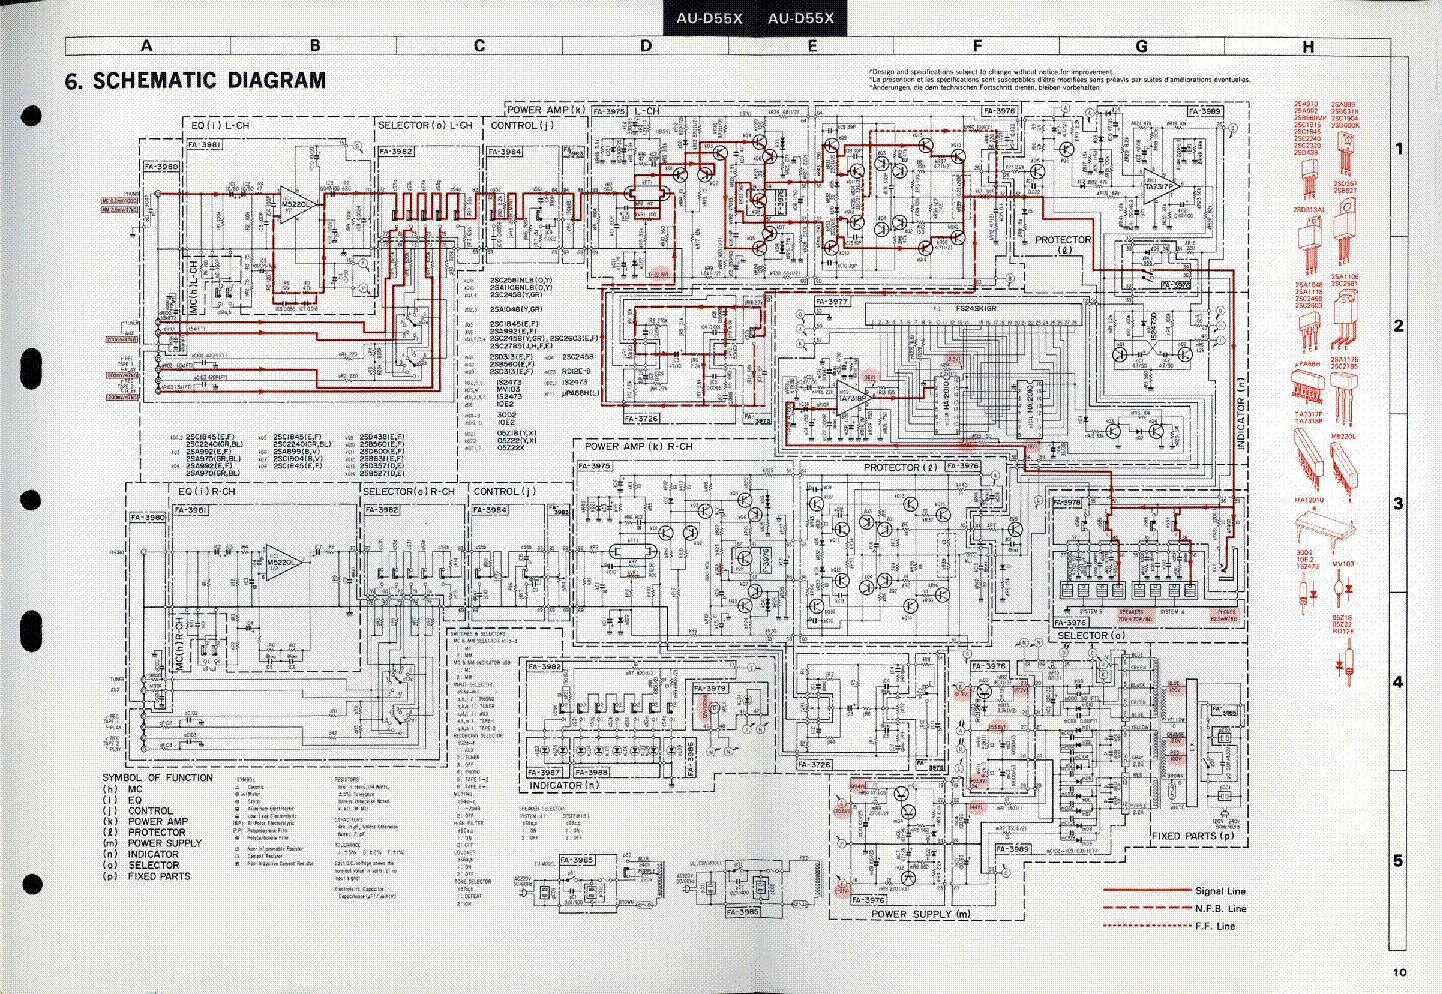 https://elektrotanya.com/PREVIEWS/63463243/23432455/sansui/sansui_au-d55x_integrated_amplifier.pdf_2.png